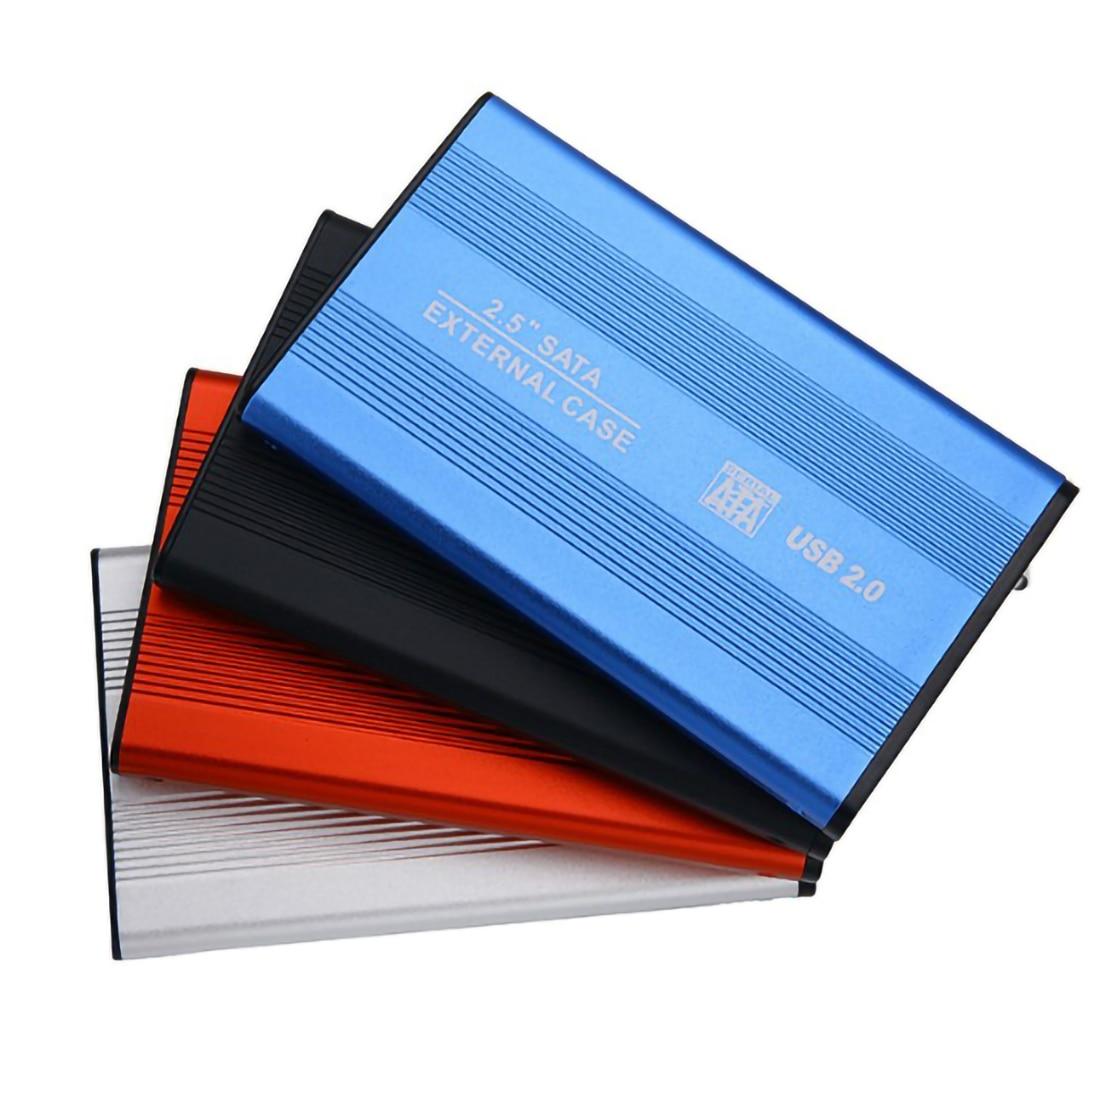 Алюминиевый сплав 2,5 дюймов внешний защитный корпус мобильный корпус для жесткого диска чехол USB 2,0 на SATA внешний карман для жесткого диска